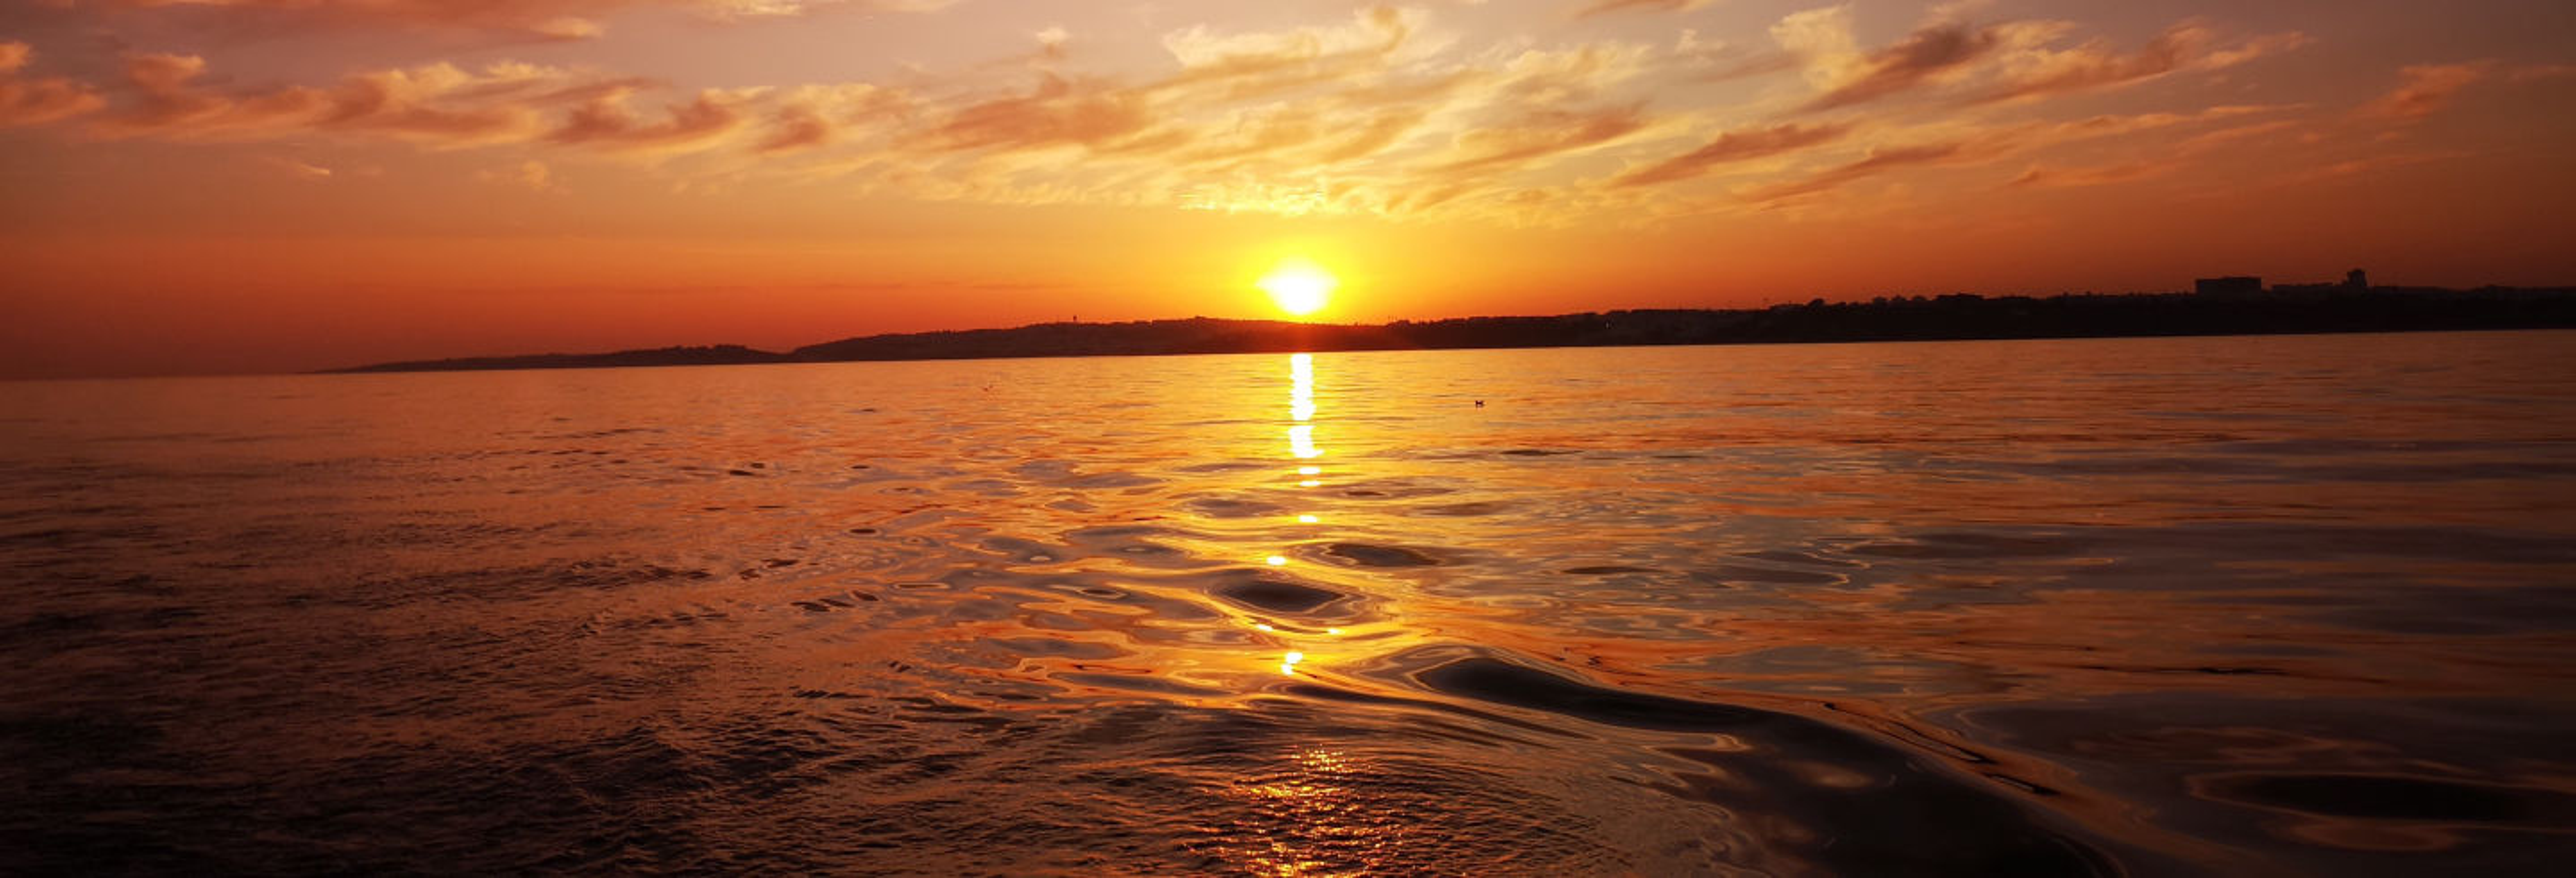 Passeio de veleiro ao entardecer pela costa do Algarve